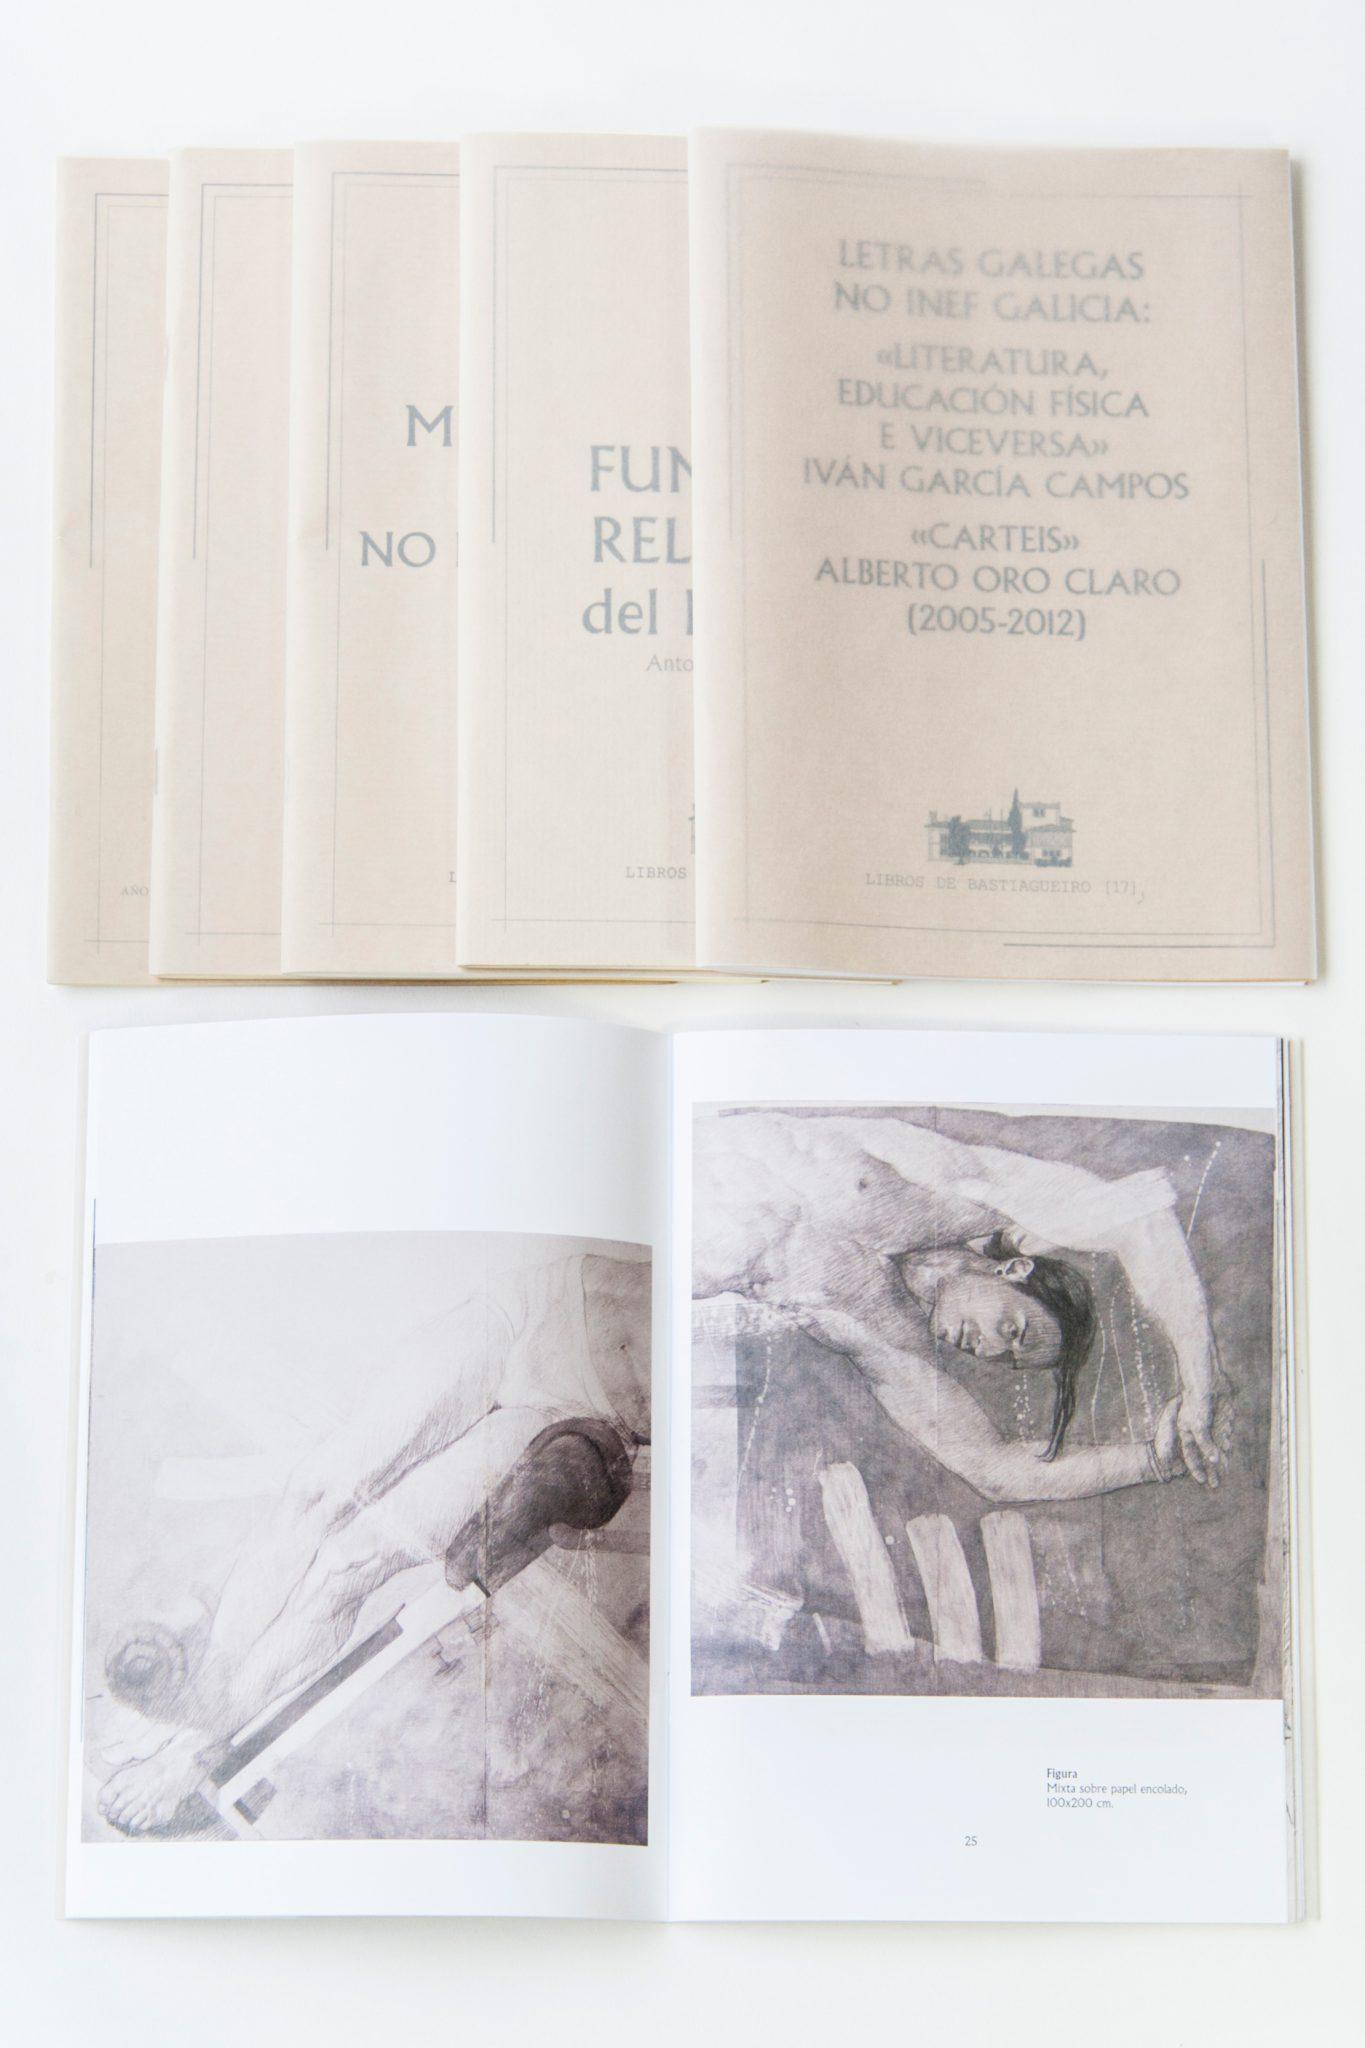 inef-coleccion-libros-bastiagueiro-maquetación-diseño-gráfico-publicidad-cartelería-identidad-corporativa-xaniño-coruña-revistas